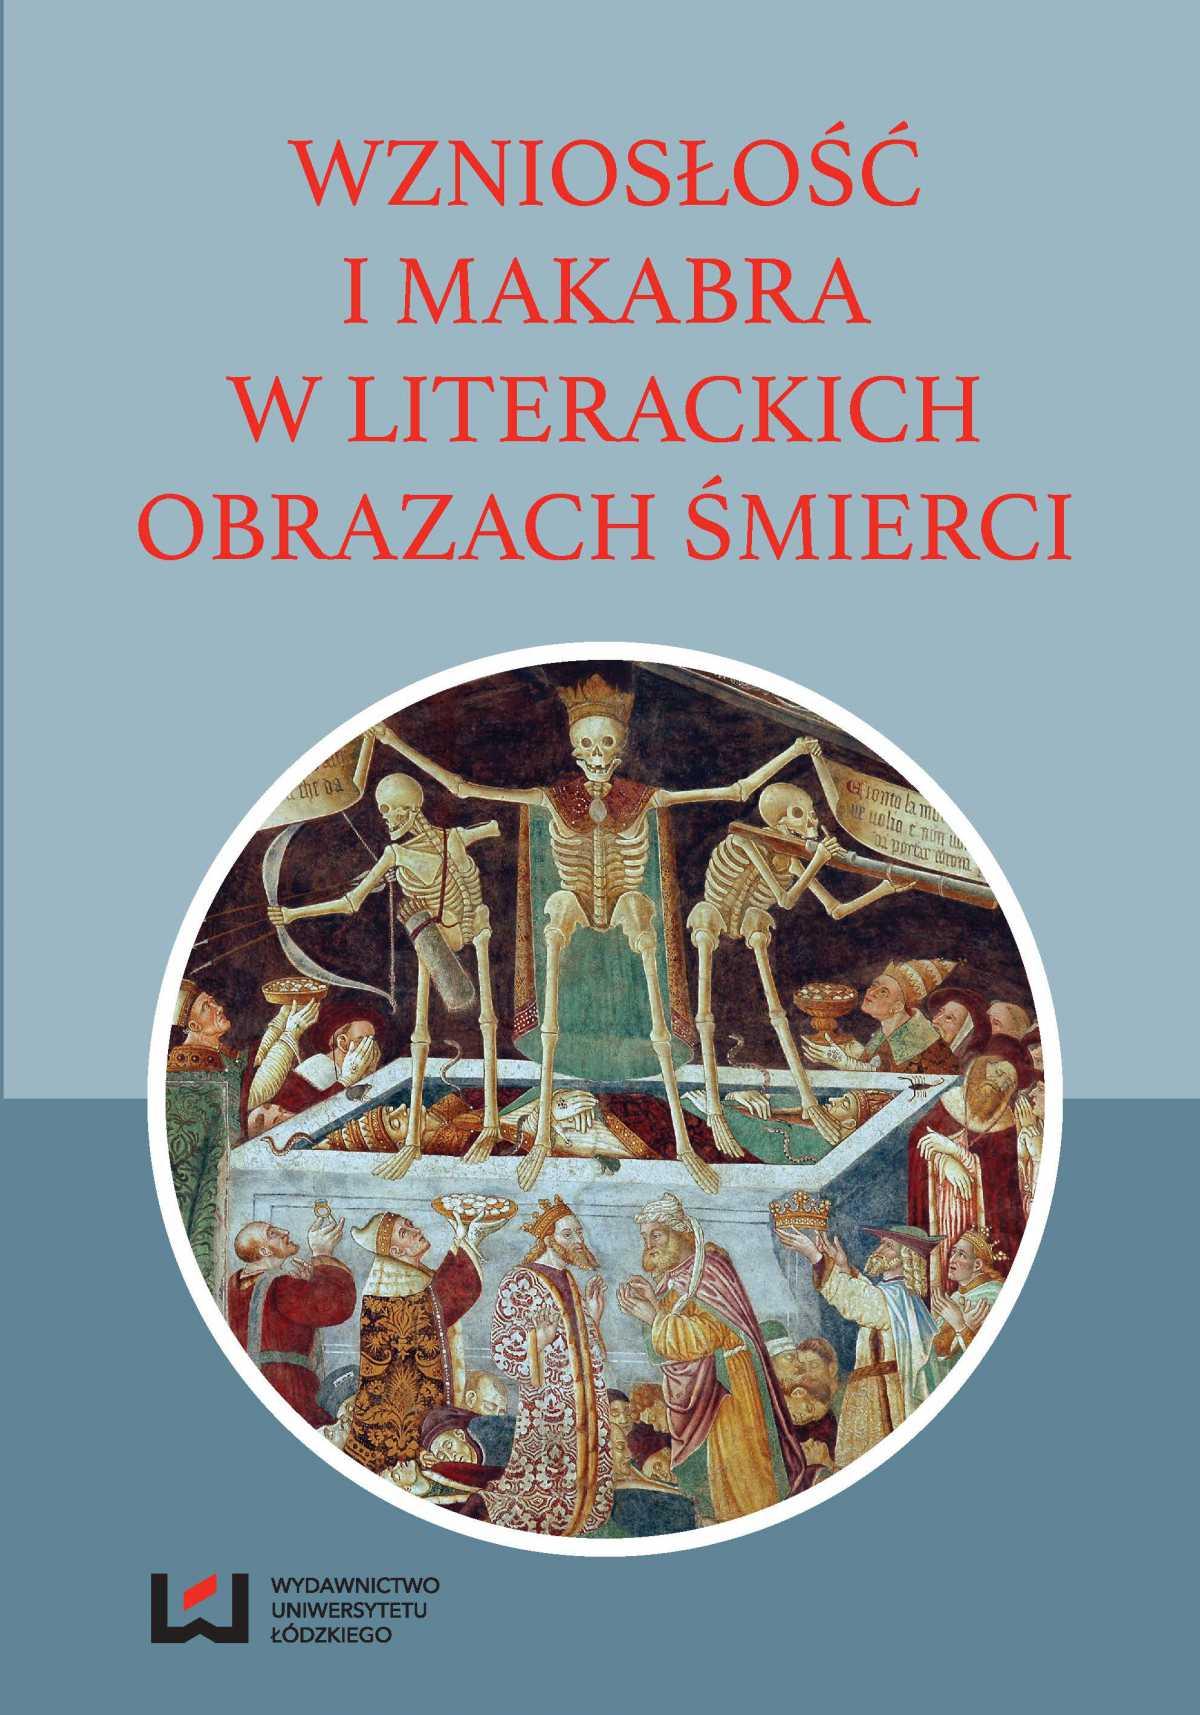 Wzniosłość i makabra w literackich obrazach śmierci - Ebook (Książka PDF) do pobrania w formacie PDF